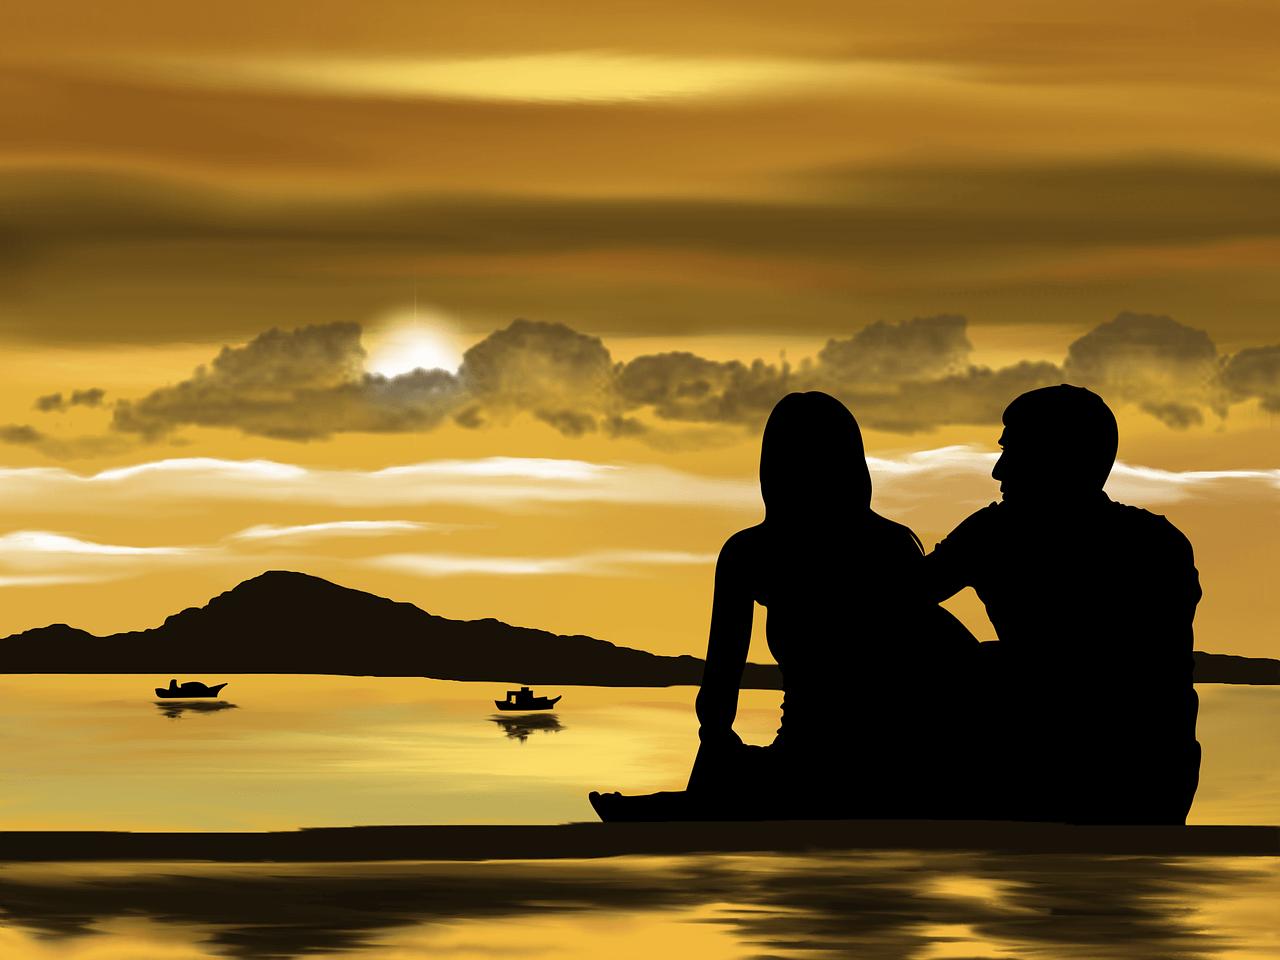 authentic love spells caster in Kiribati,black magic love spells in Kiribati,lost love spells in Kiribati,love spells in Kiribati,Lust Spell and Sex Spells in Kiribati,Real Love Spells in Kiribati,Rekindle Love Spells in Kiribati,Spell to Make Someone Fall in Love in Kiribati,Spell to Mend a Broken Heart in Kiribati,Spells to Delete the Past in Kiribati,Spells To Remove Marriage and Relationship Problems in Kiribati,spells to Turn Friendship to Love in Kiribati,true love spells in Kiribati,Truth Love Spells in Kiribati,voodoo love spells in Kiribati,witchcraft love spells in Kiribati